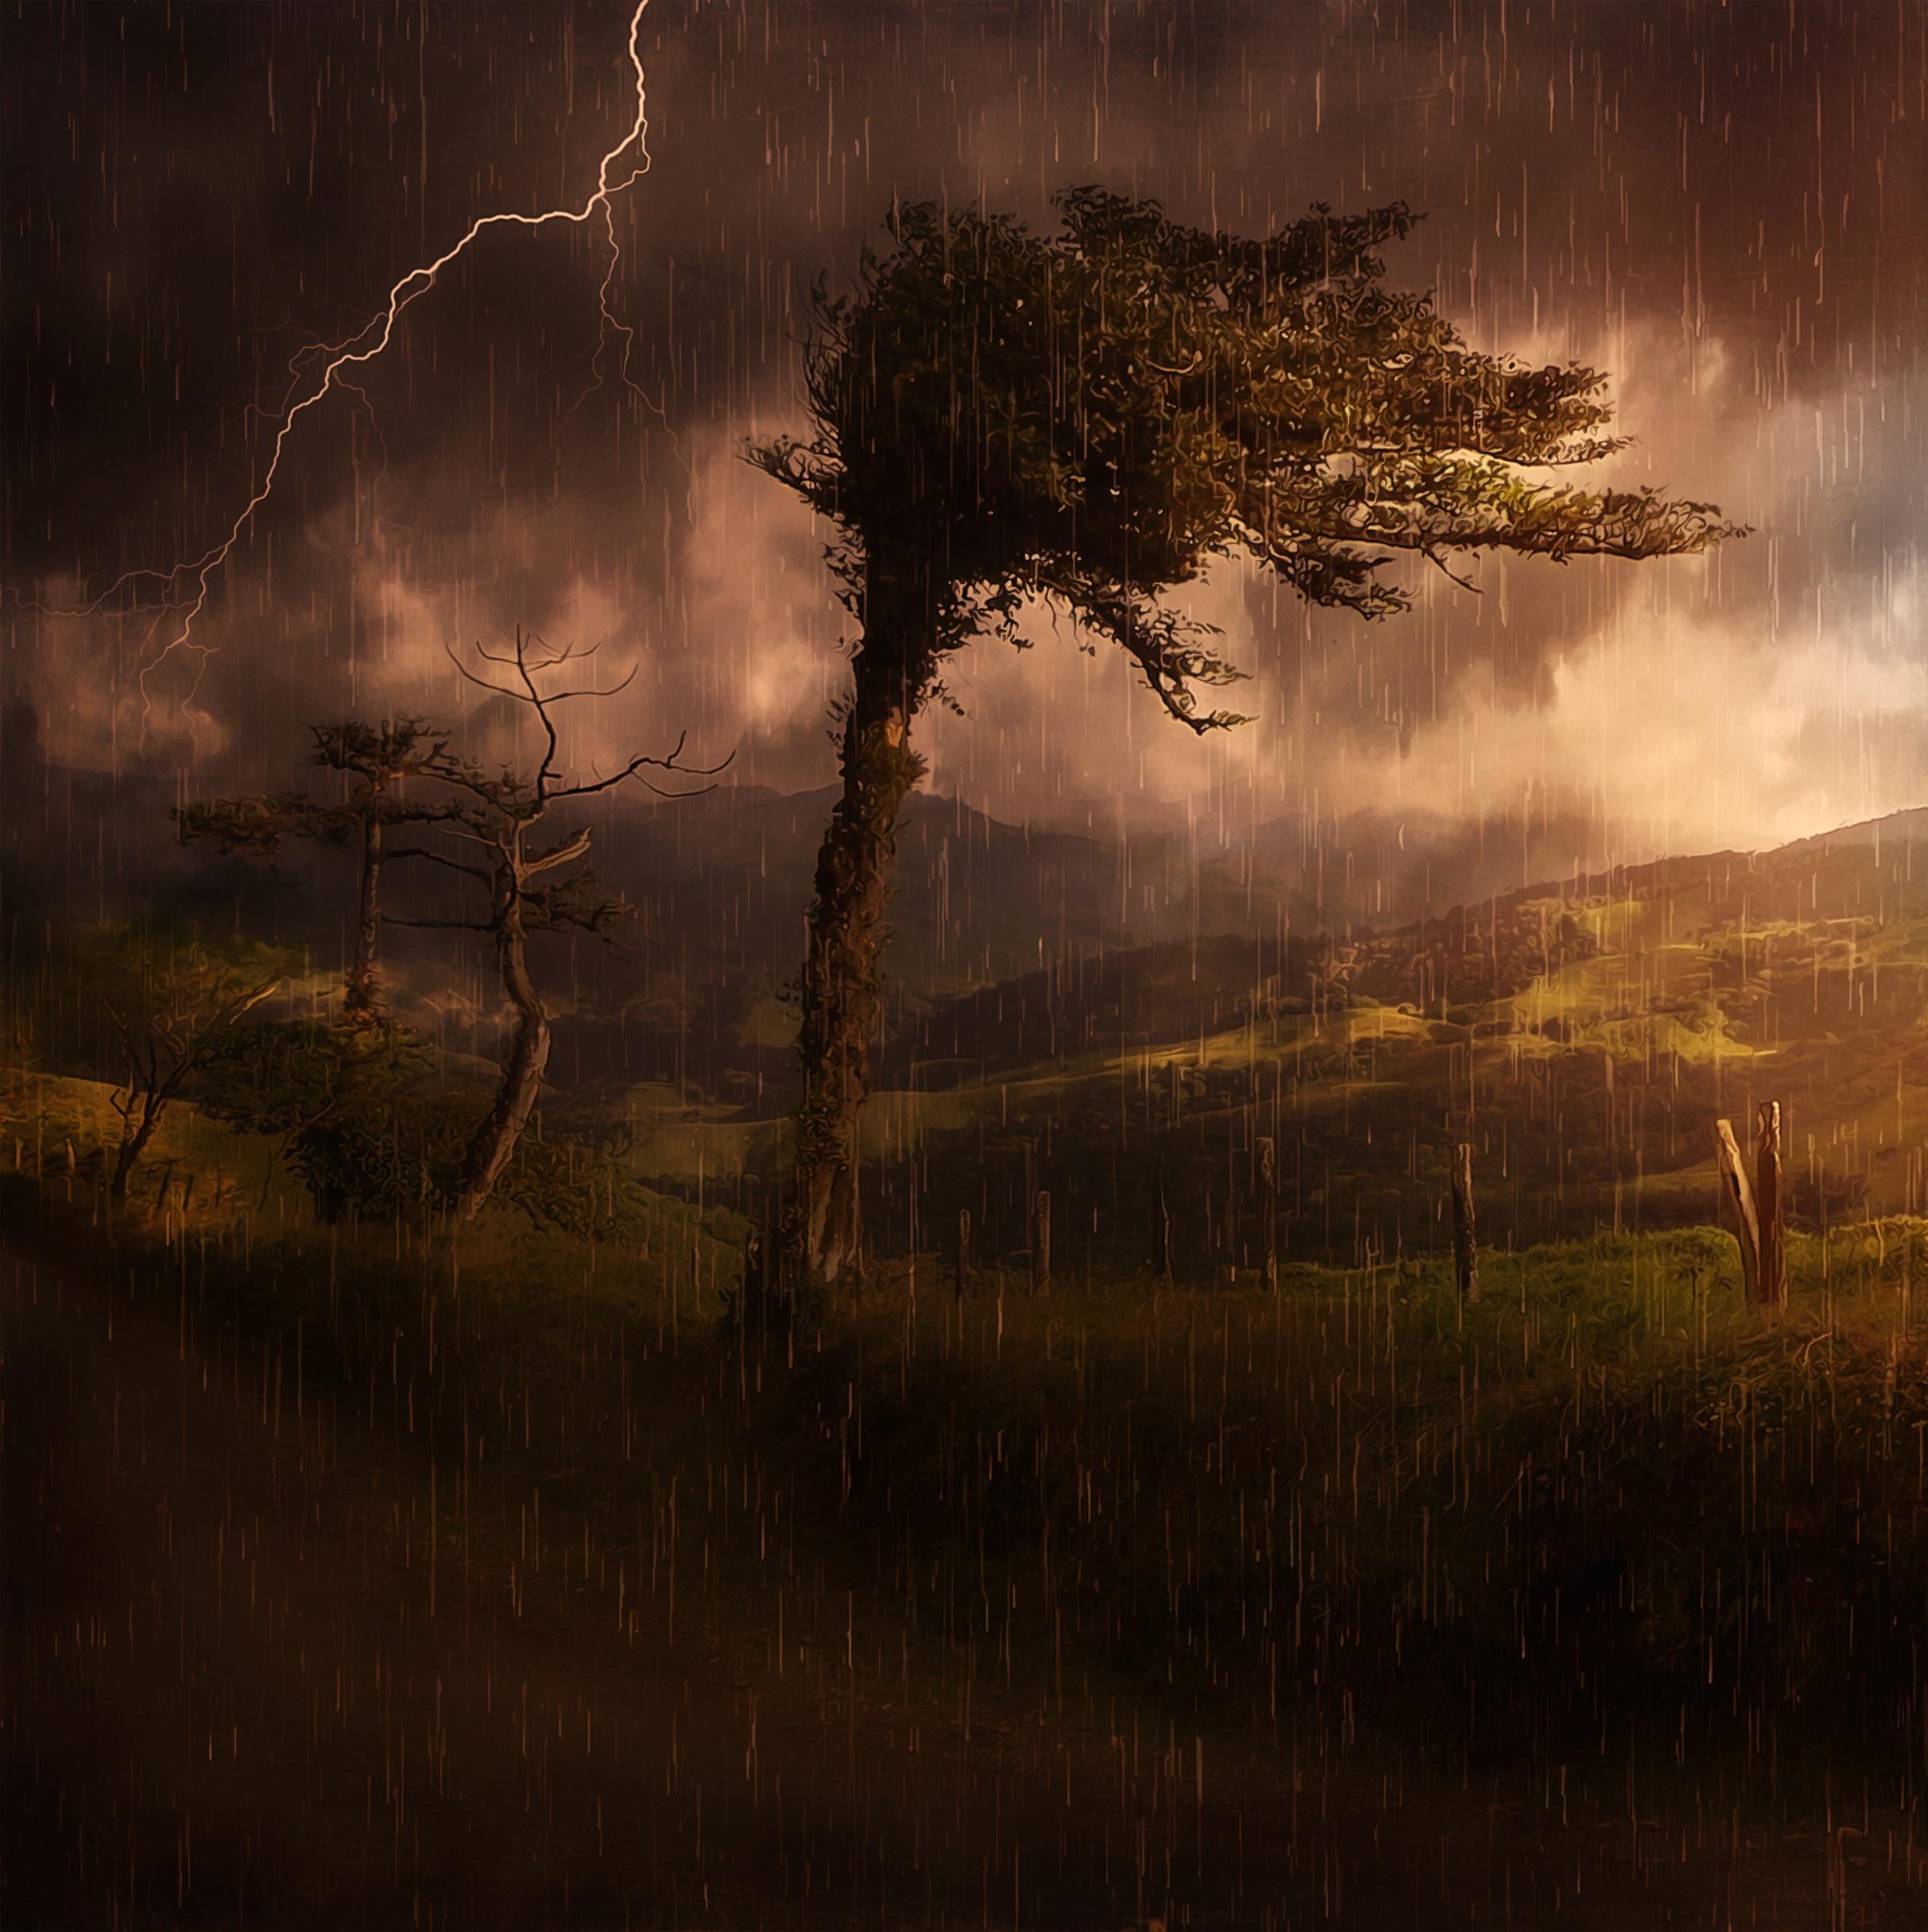 Fotoğraf Peyzaj Ağaç Doğa Orman Bulut Sis Gündoğumu Gün